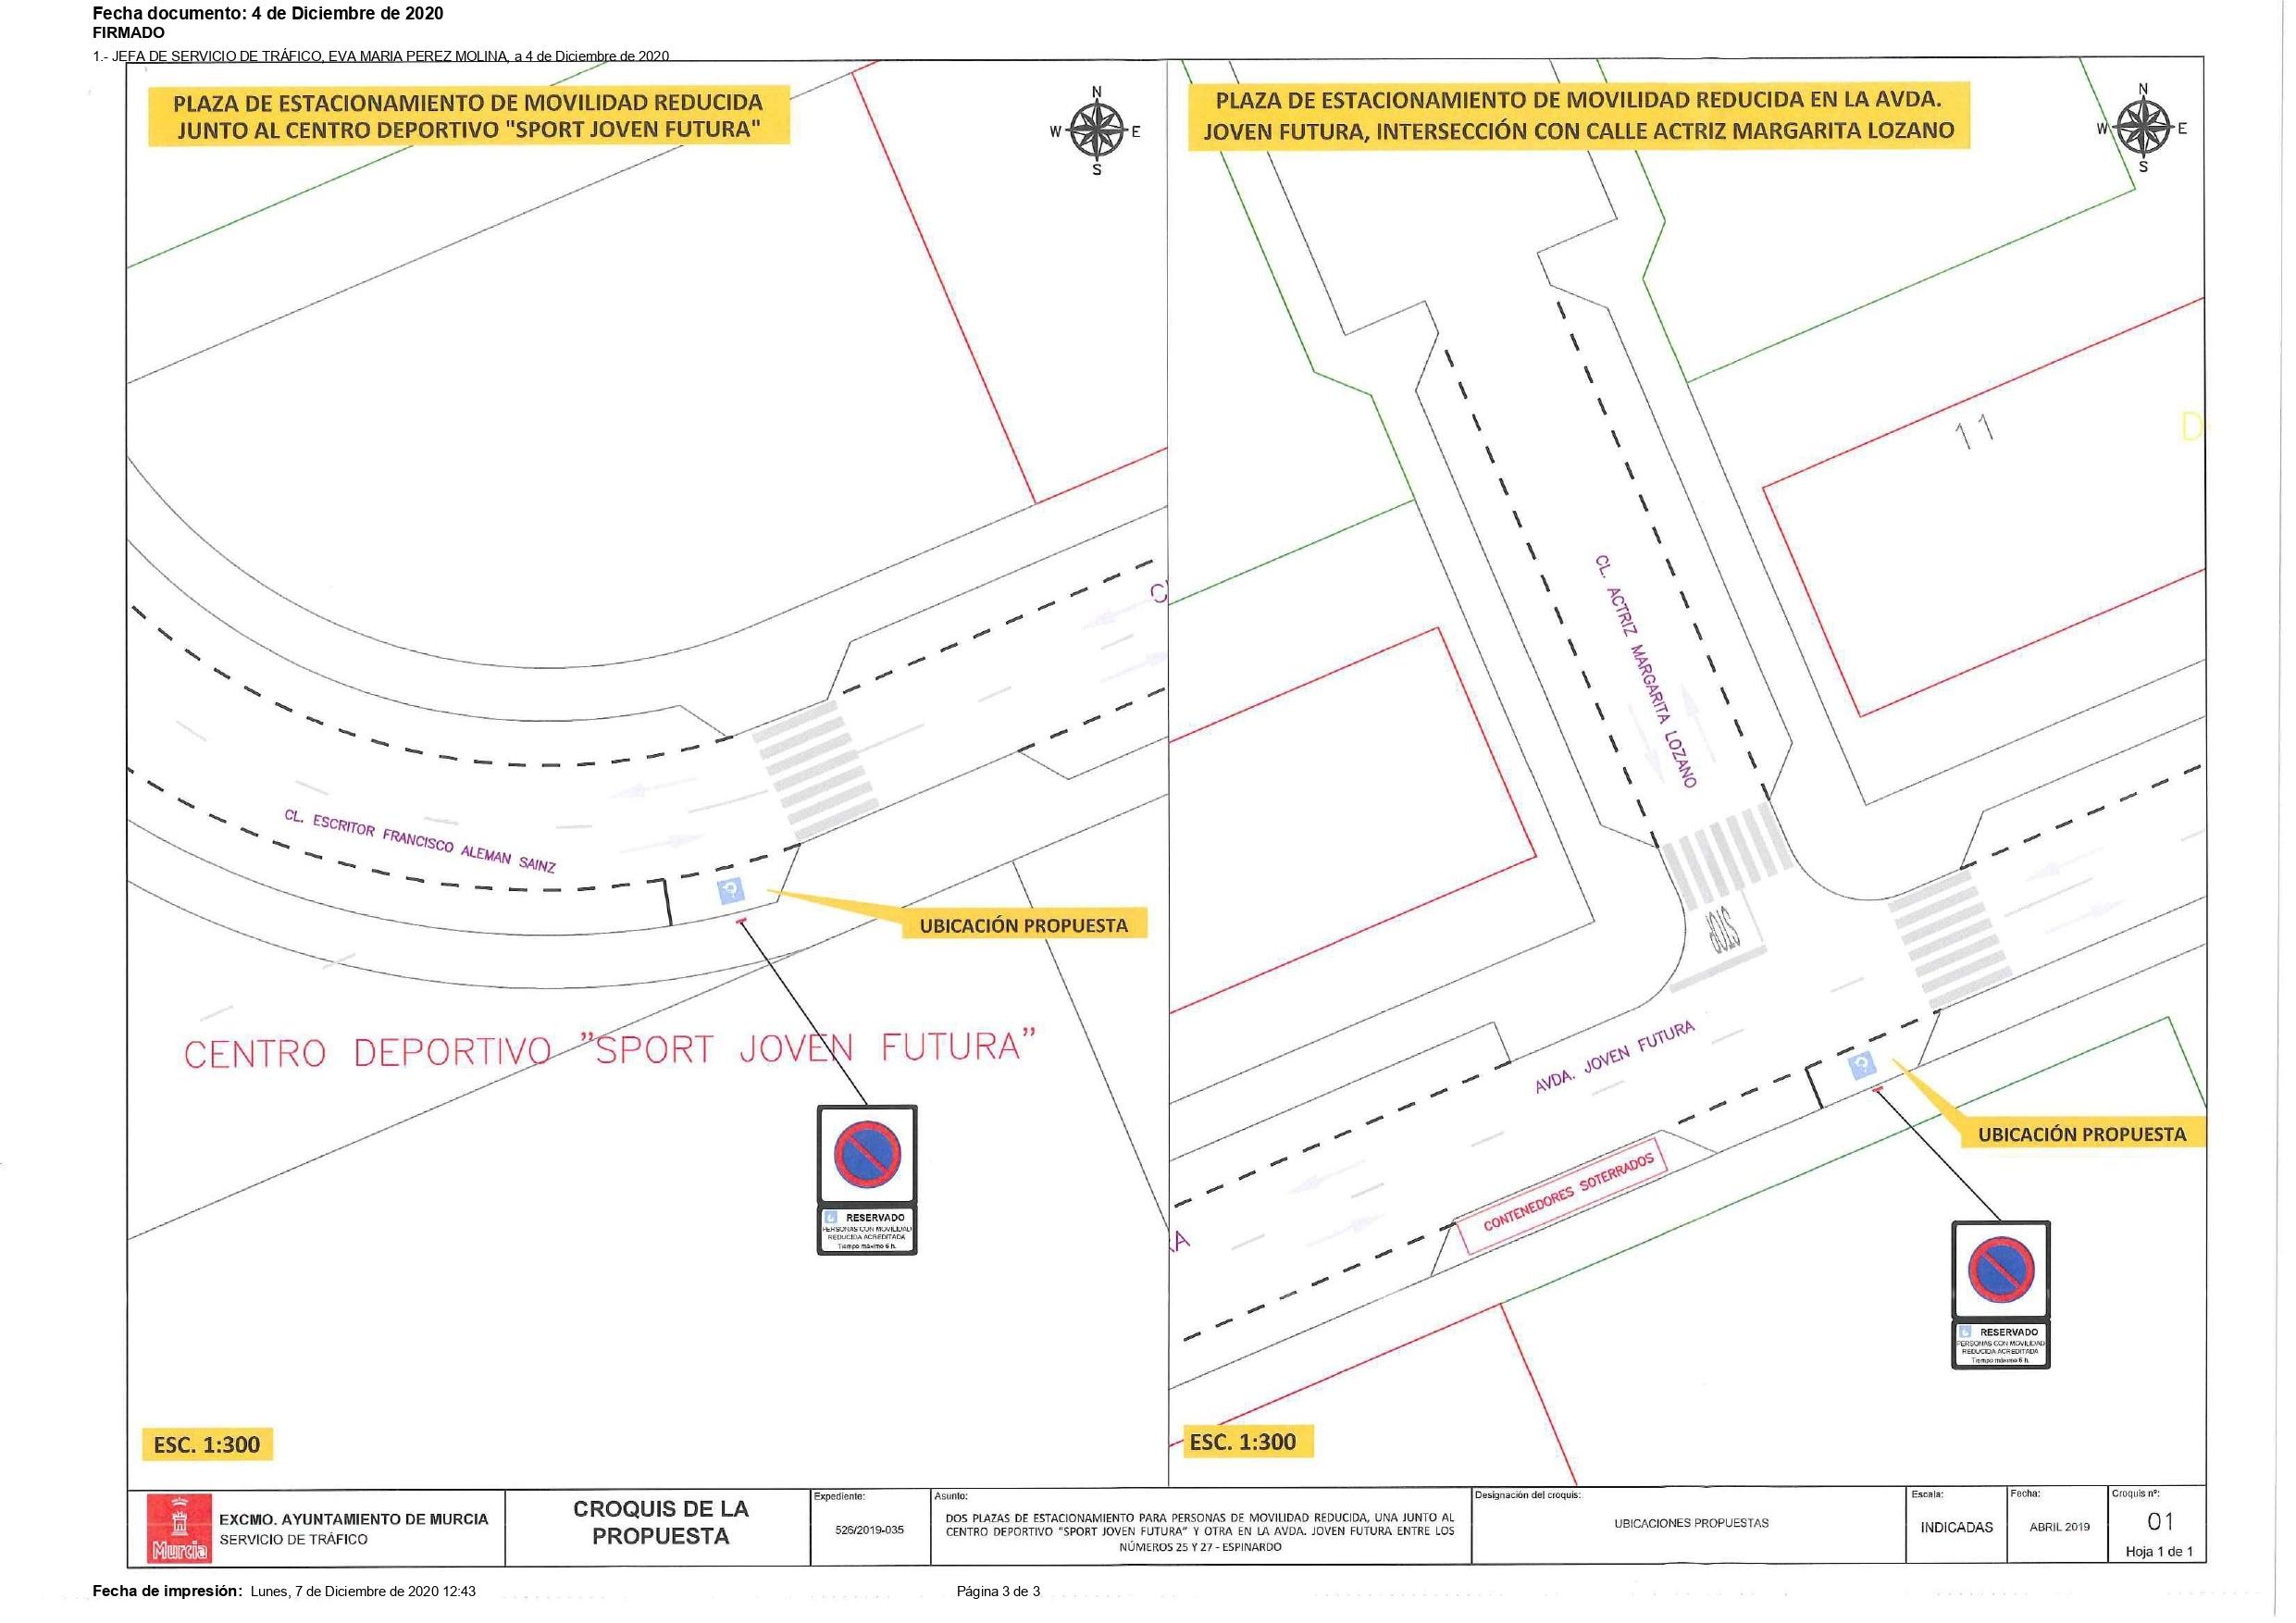 2020-12-07 Plano aportado por el Ayuntamiento de Murcia para la instalación de dos plazas de aparcamiento para personas de movilidad reducida en Joven Futura a petición de la Asociación de Vecinos de Joven Futura